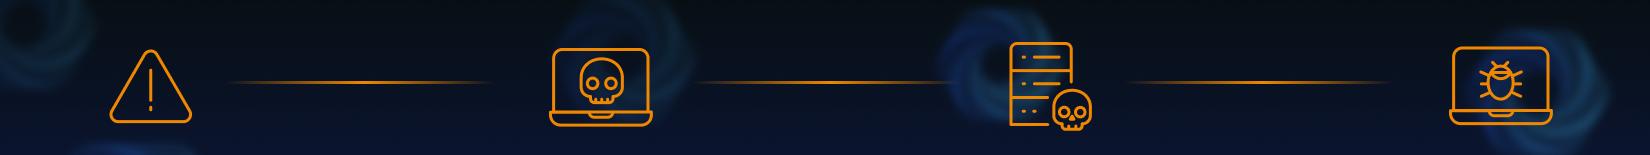 blog-4.0-ribbon-banner-ransomware